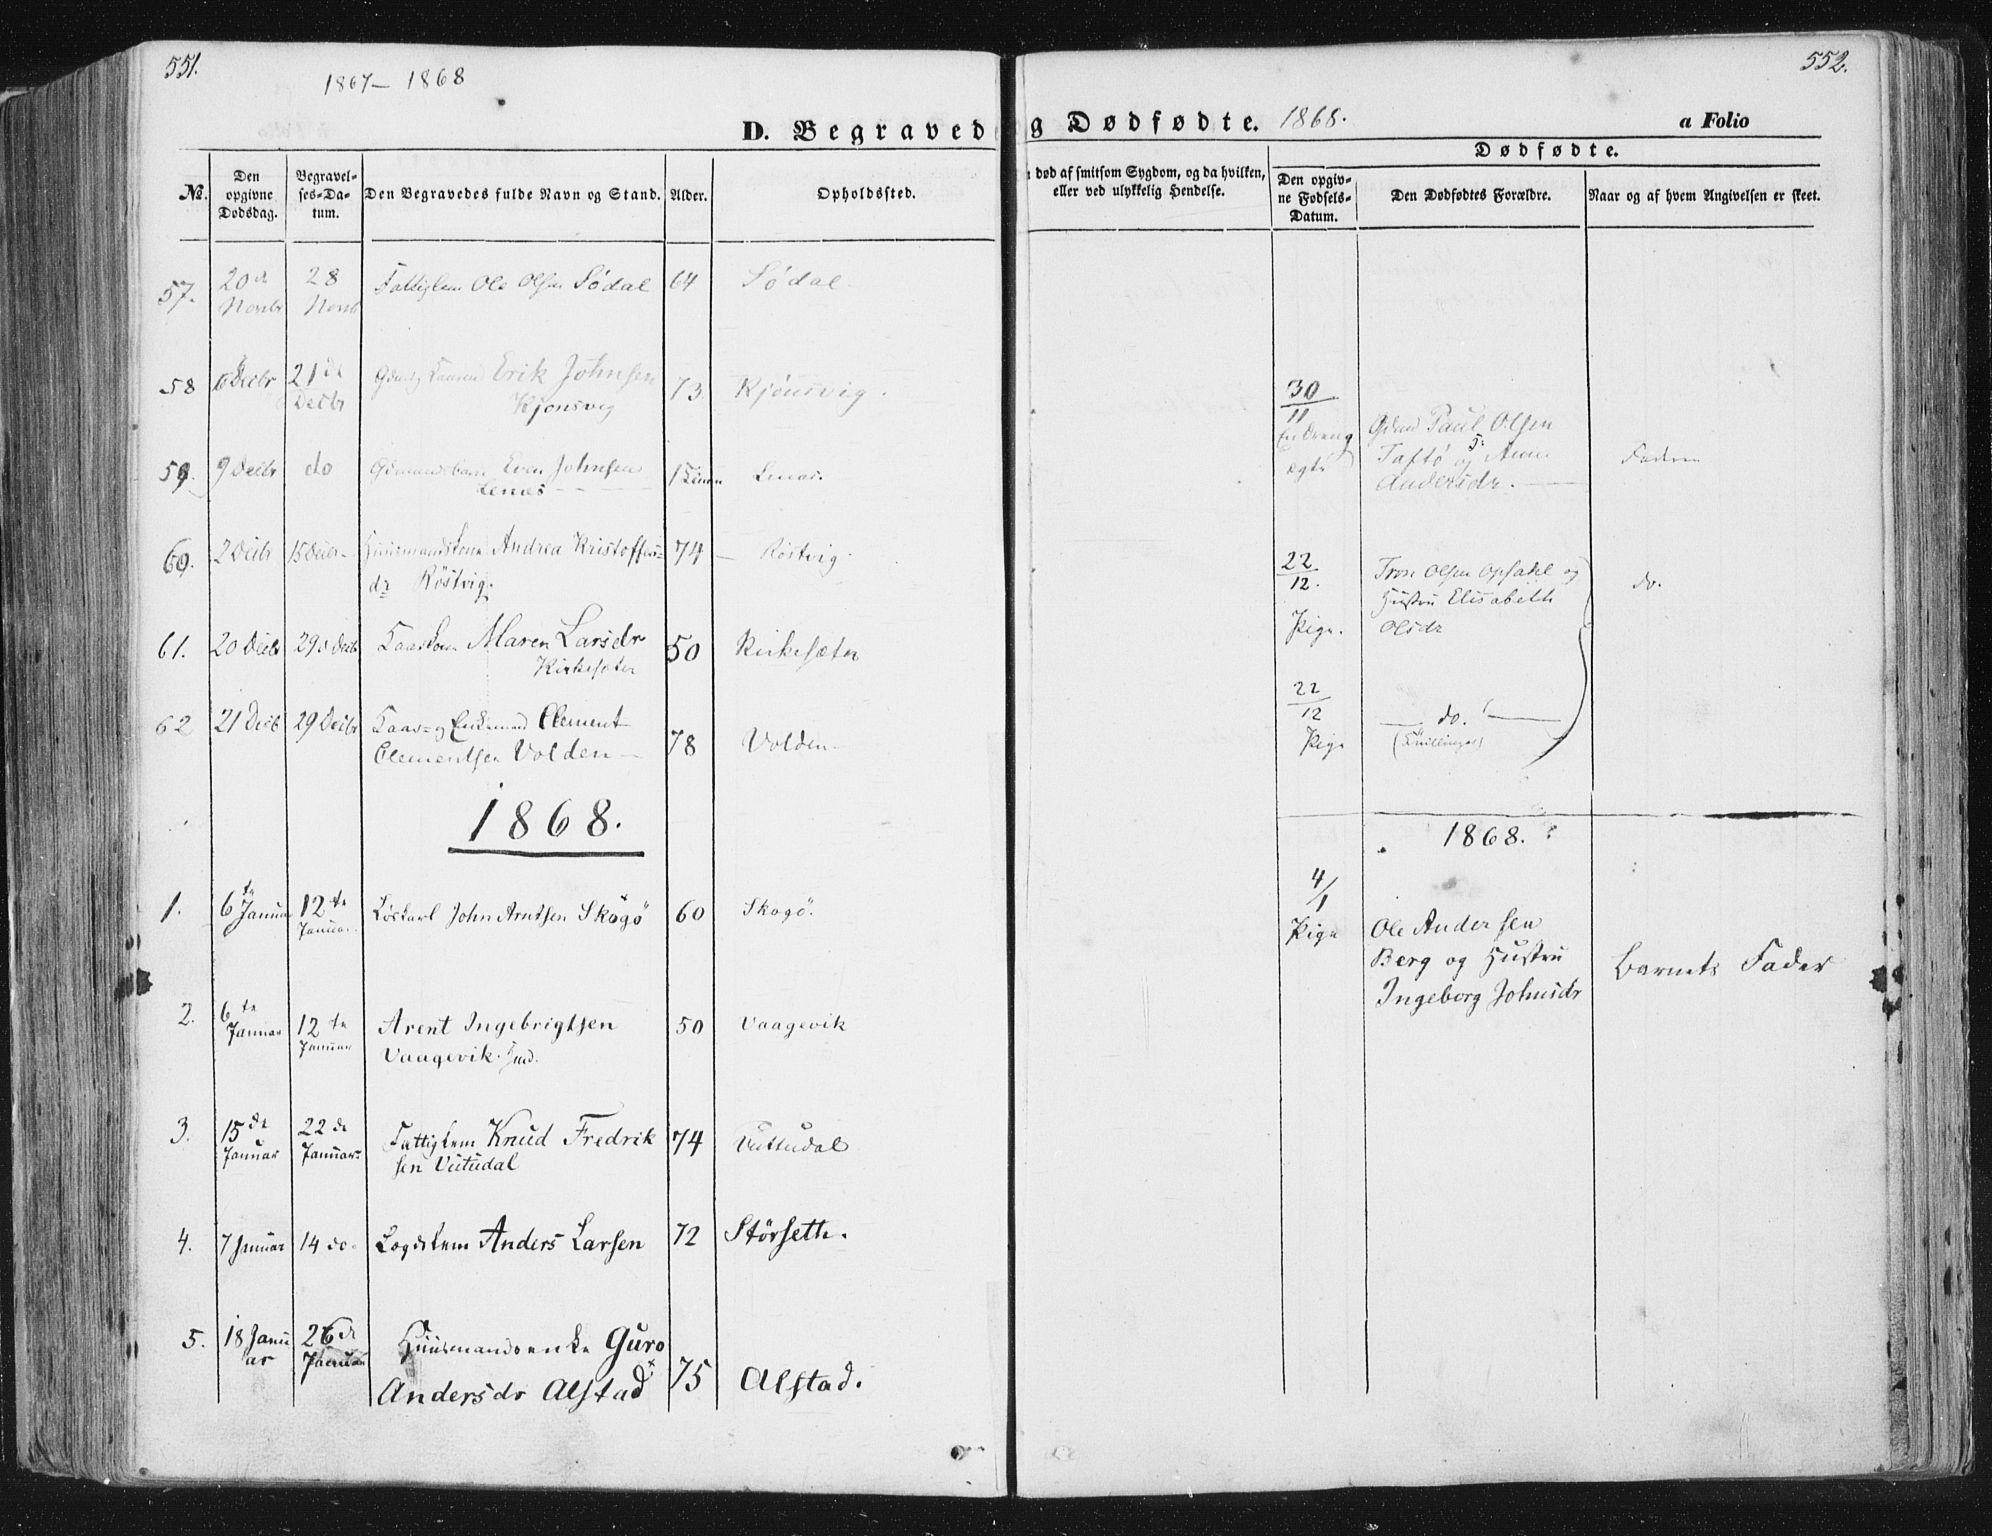 SAT, Ministerialprotokoller, klokkerbøker og fødselsregistre - Sør-Trøndelag, 630/L0494: Ministerialbok nr. 630A07, 1852-1868, s. 551-552